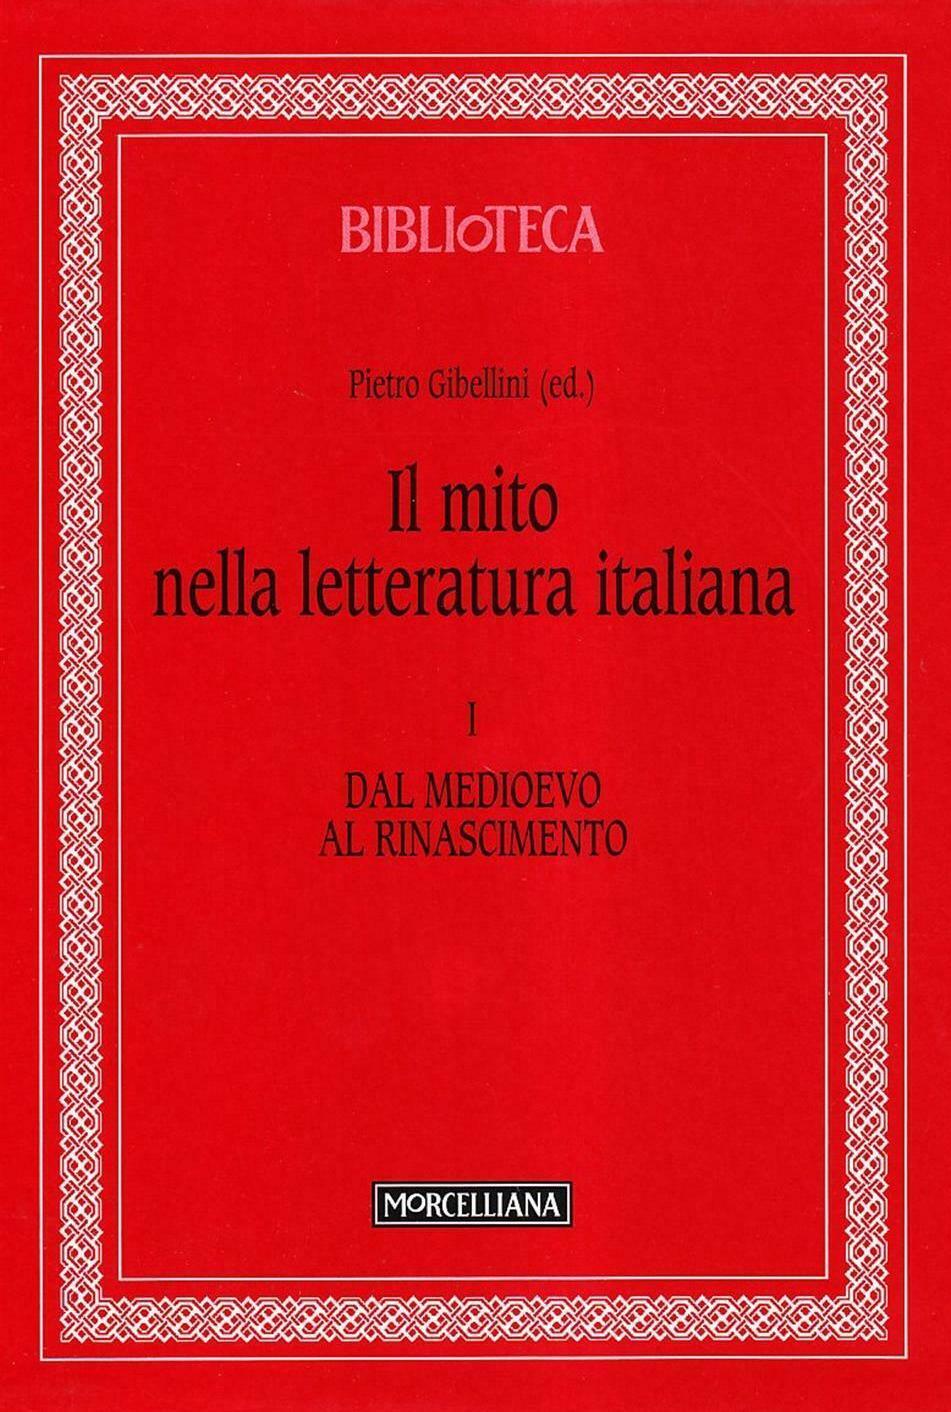 Il mito nella letteratura italiana / Dal Medioevo al Rinascimento